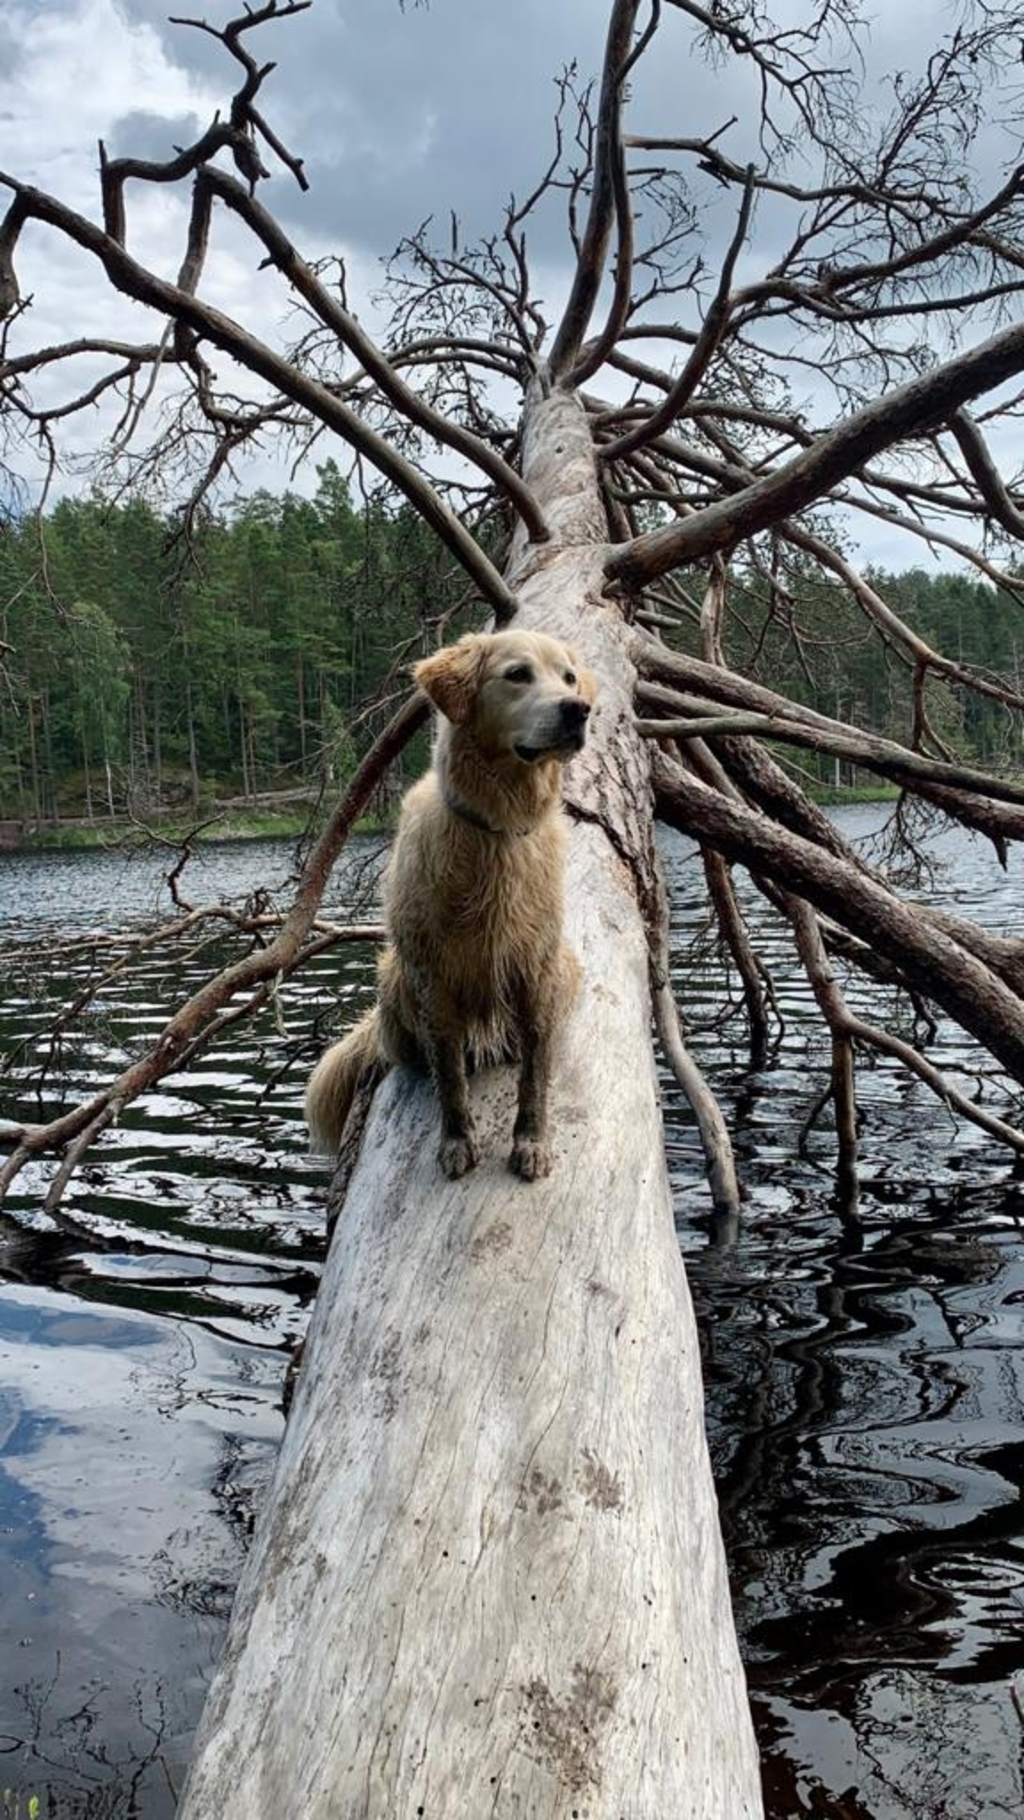 29 juli in Zweden: in het nationaal park van Tyresta. Lucca onze goldie is gek op boomstammen en water. Bianca Jonker © BDU media